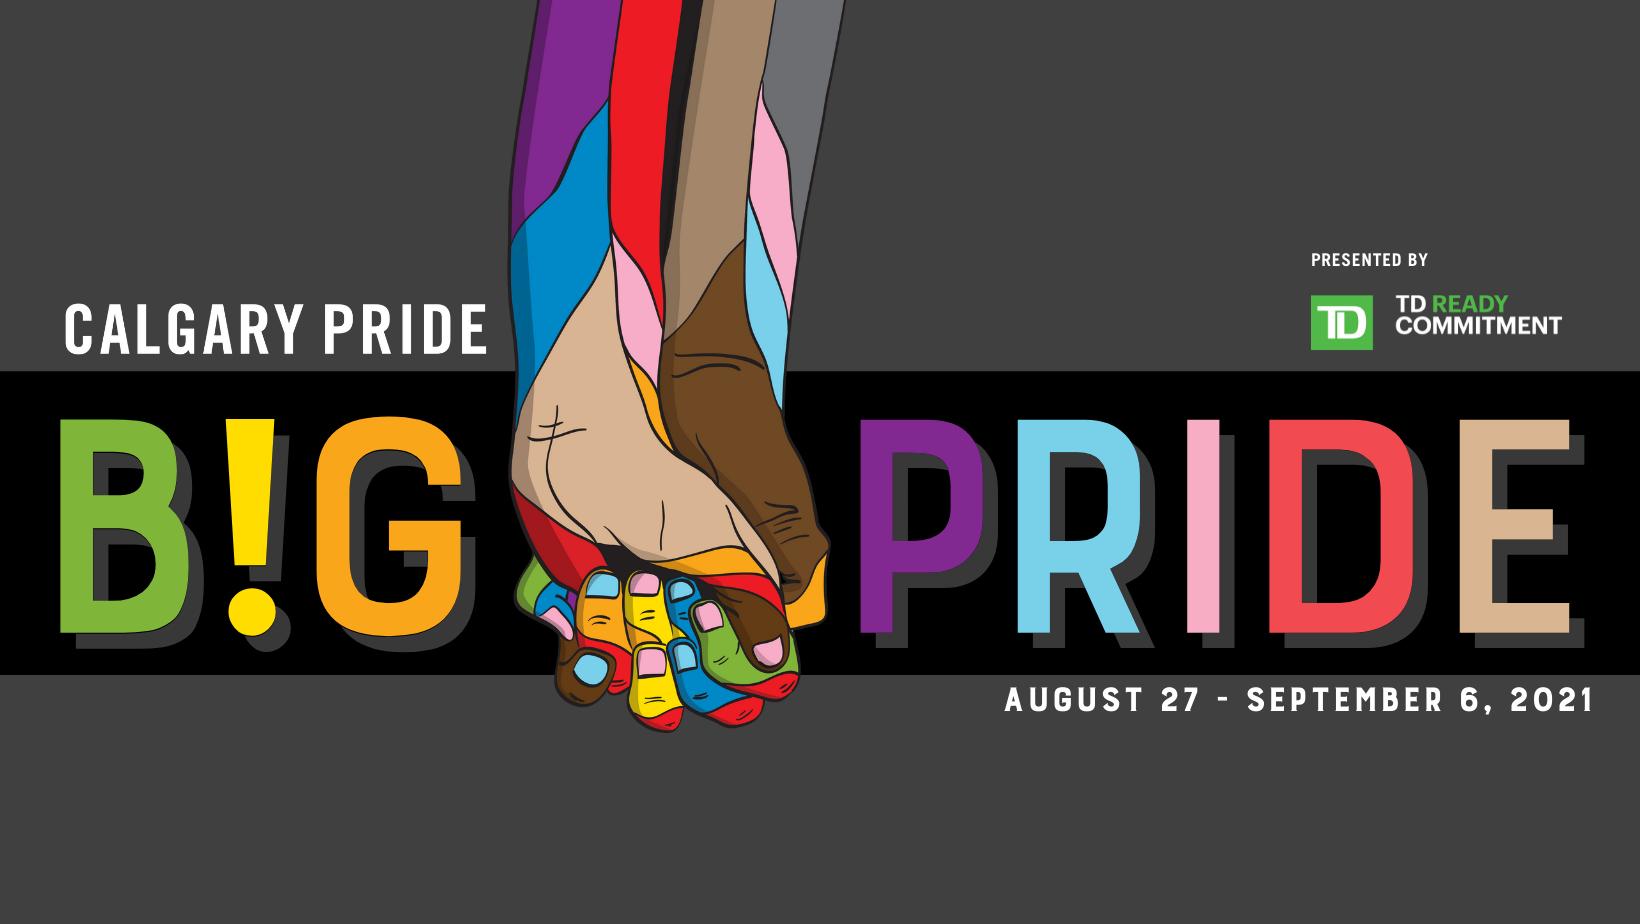 Calgary Pride B!G PRIDE Festival 2021 on Where Rockies